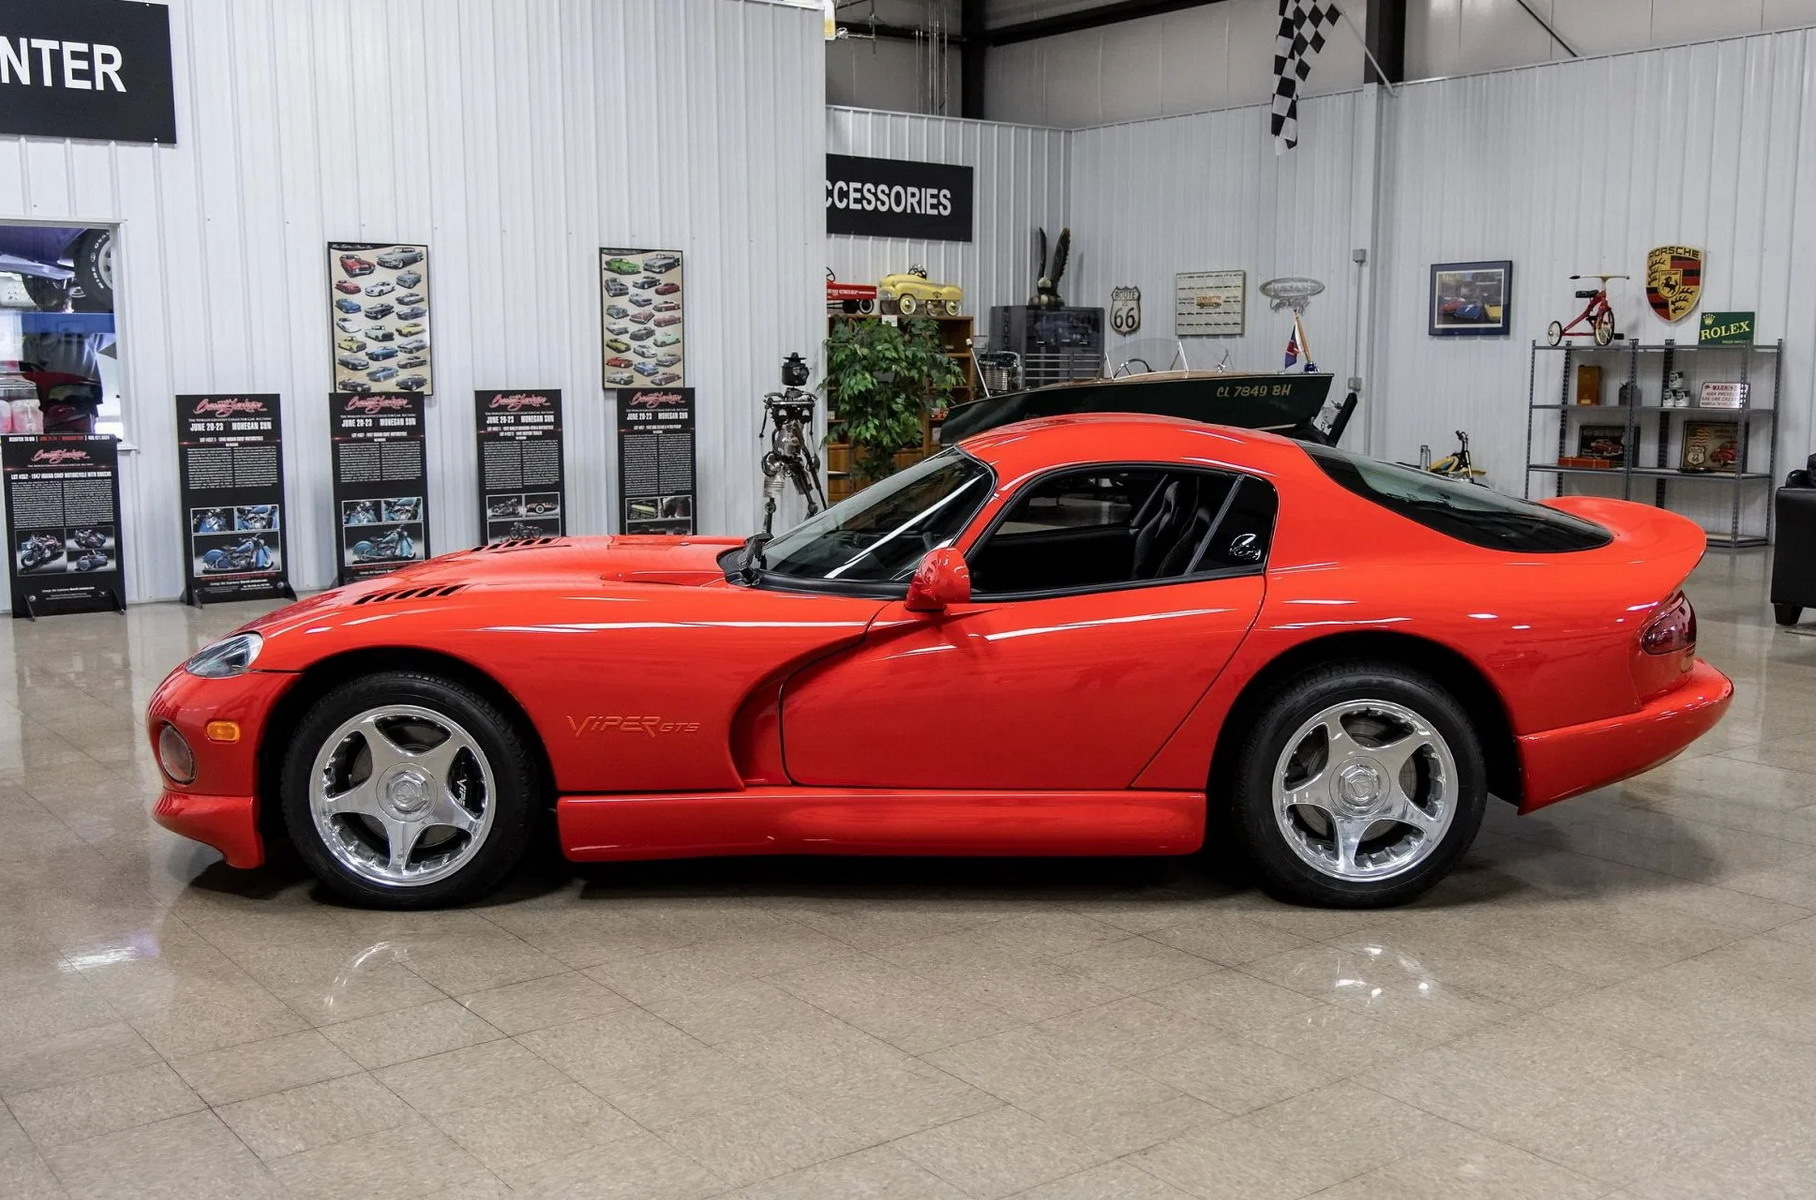 Новый Dodge Viper 1997 года выпуска продадут на аукционе Новости